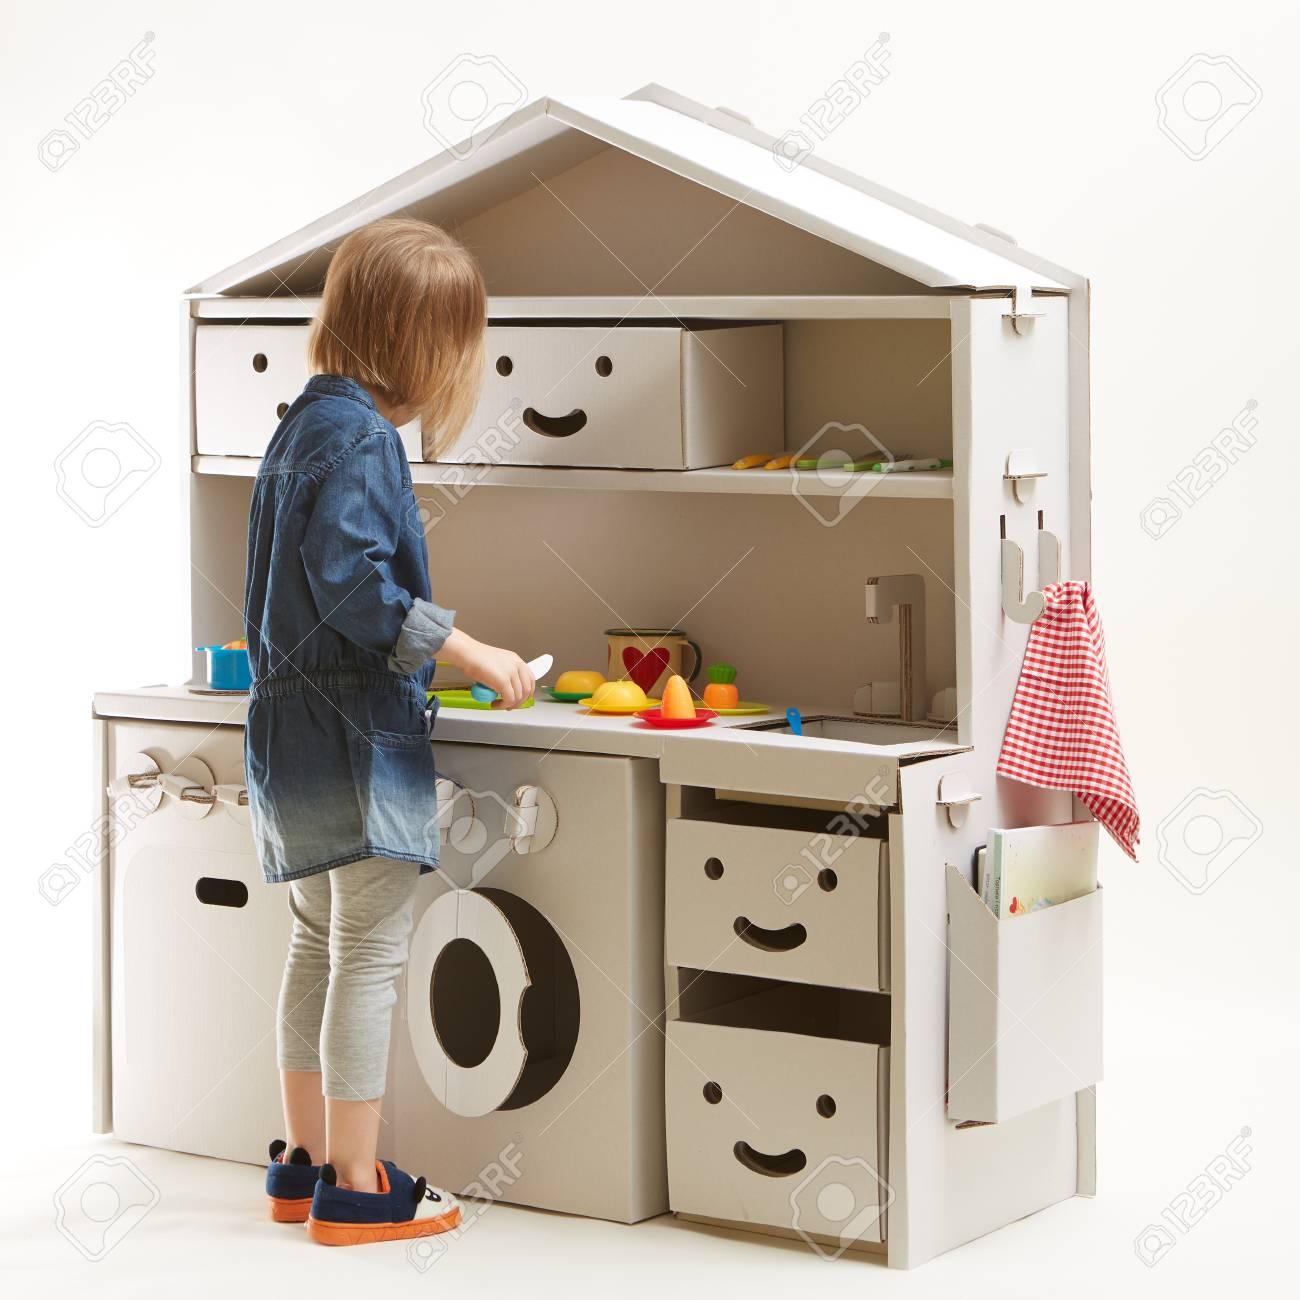 Kleinkind Mädchen Spielen Mit Spielzeug Küche Zu Hause Lizenzfreie ...